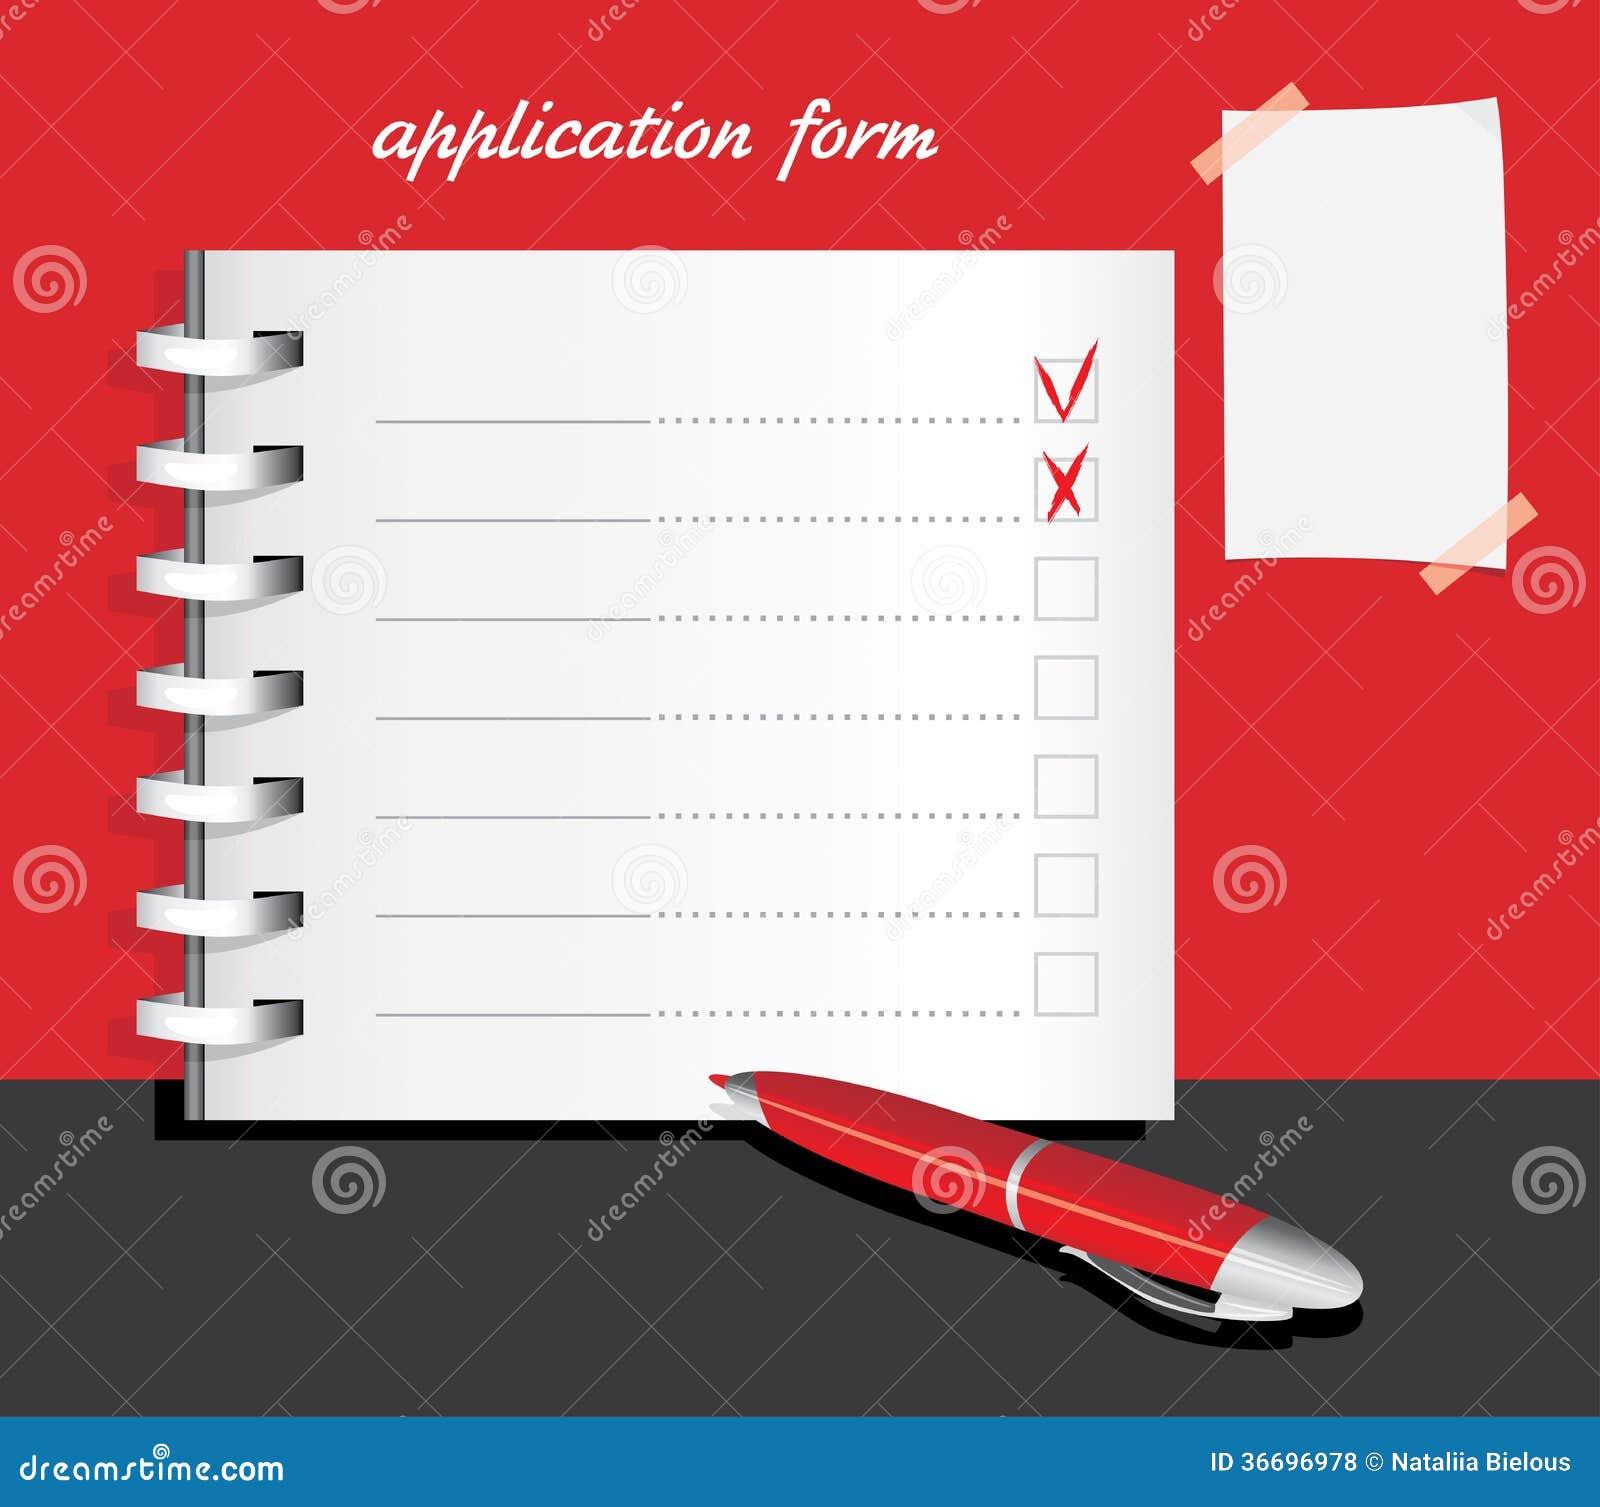 Πρότυπο αίτησης υποψηφιότητας